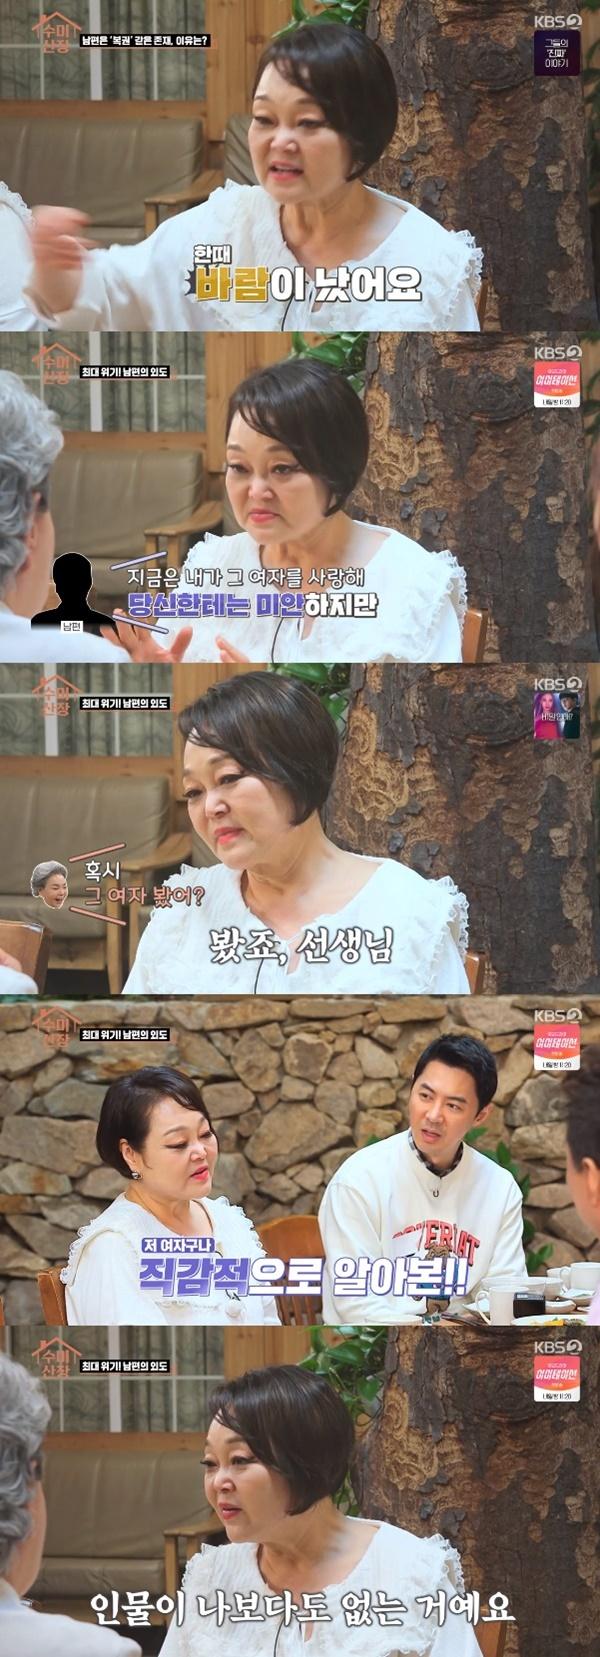 이혜정 / 사진=KBS2 수미산장